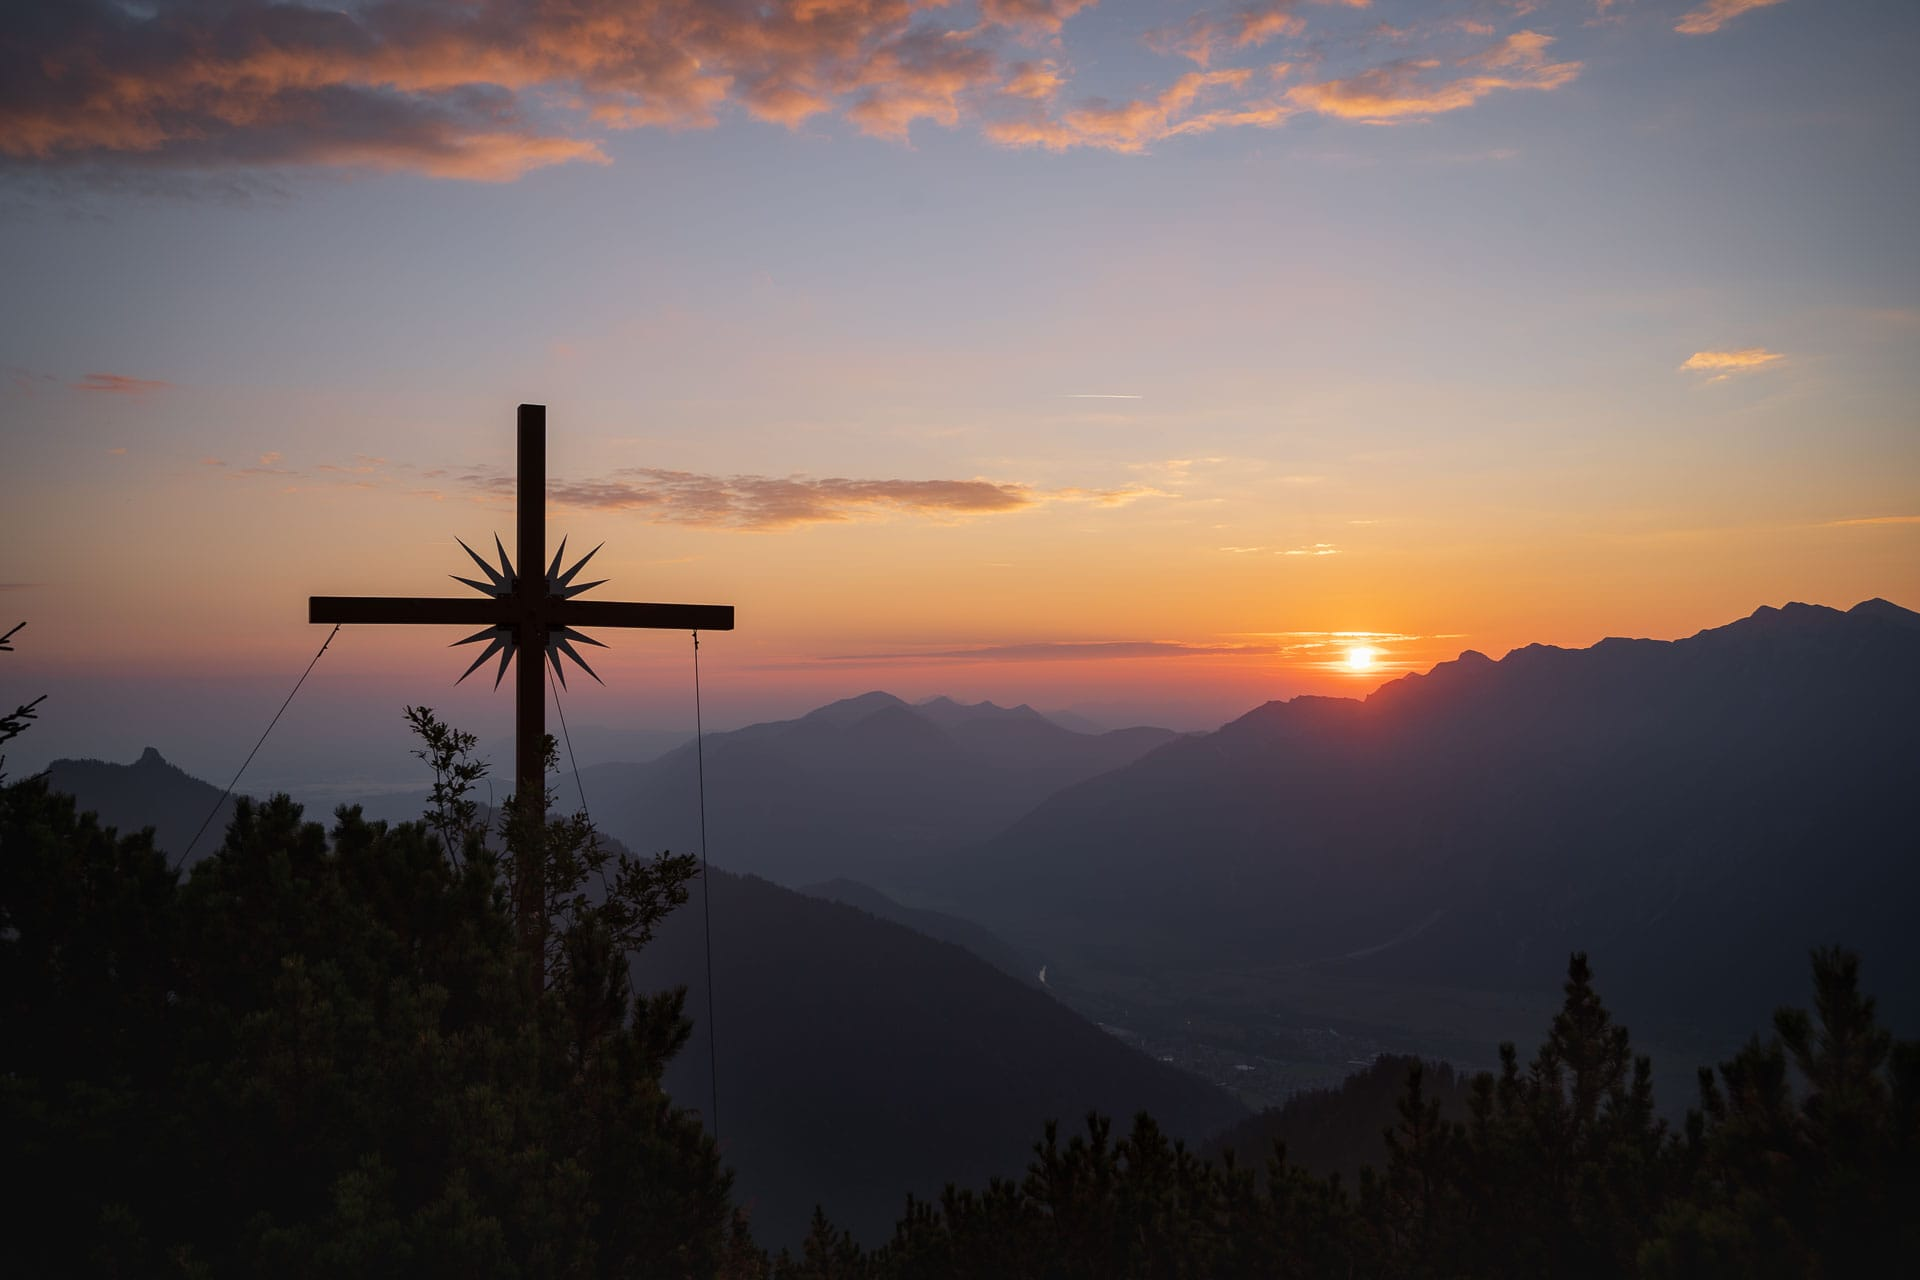 Kreuz des Zieglspitz im Sonnenaufgang